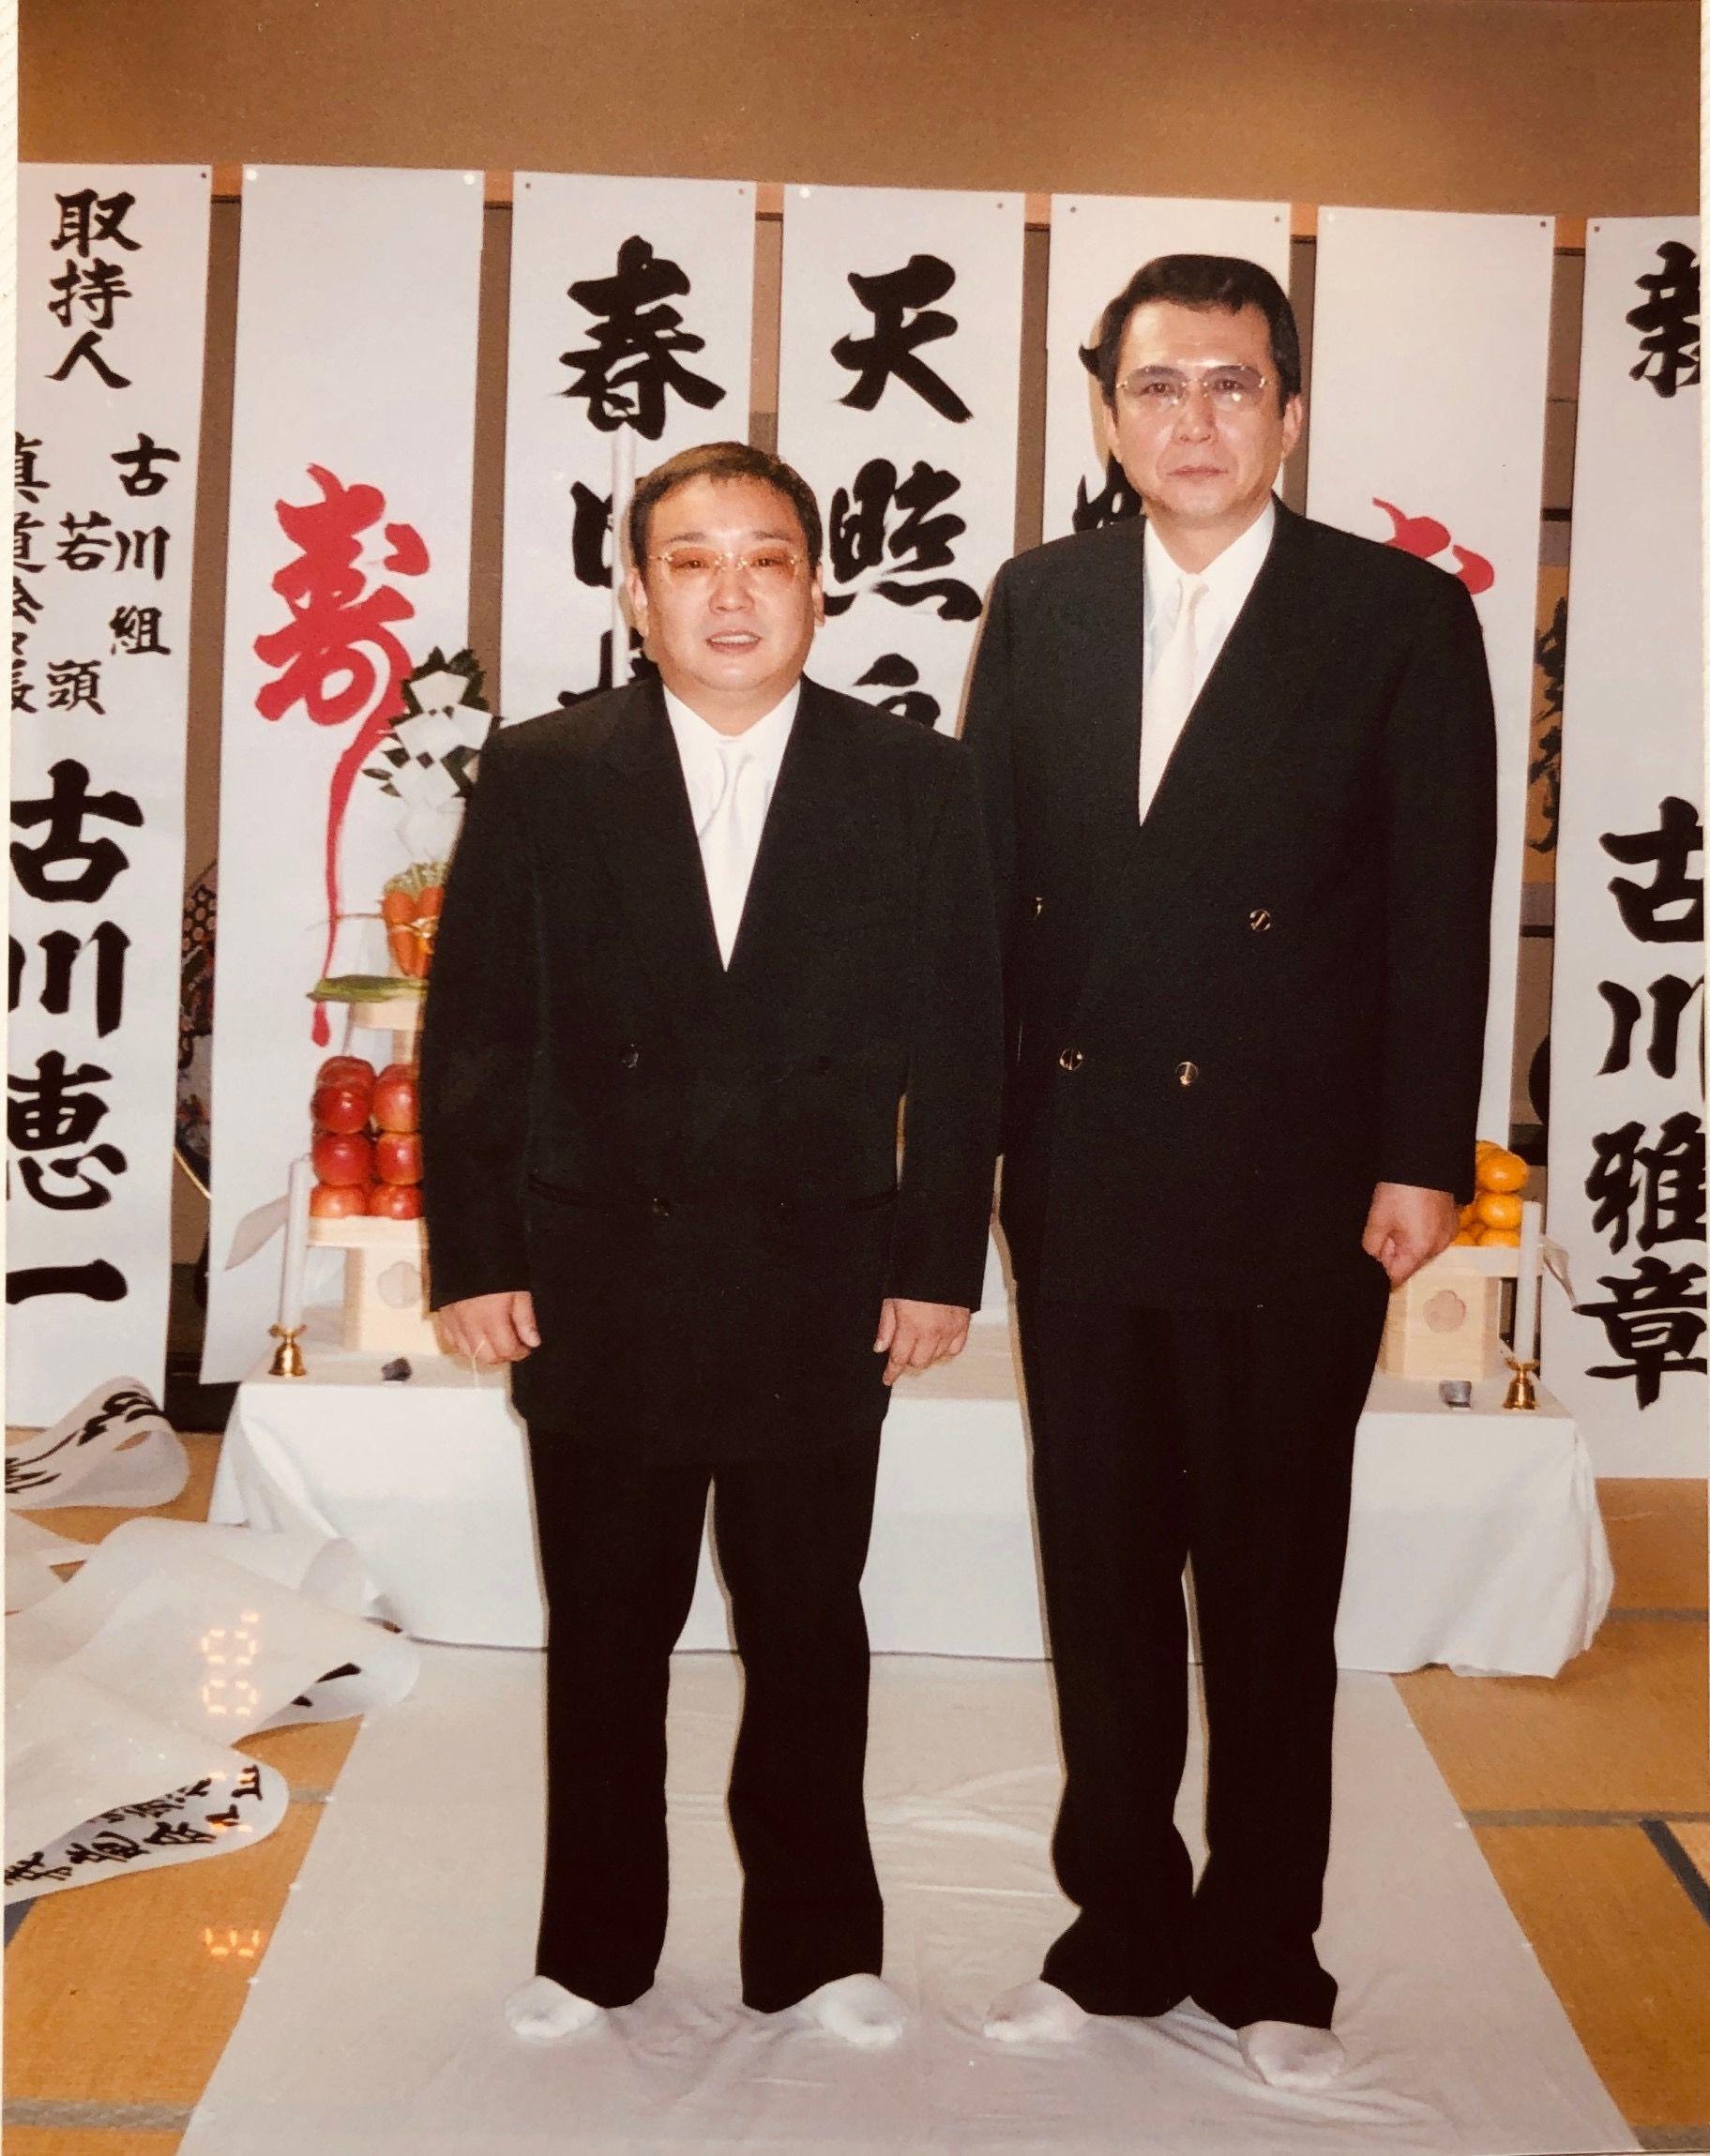 古川 恵一 総裁 古川恵一 : 神戸山口組を研究する会